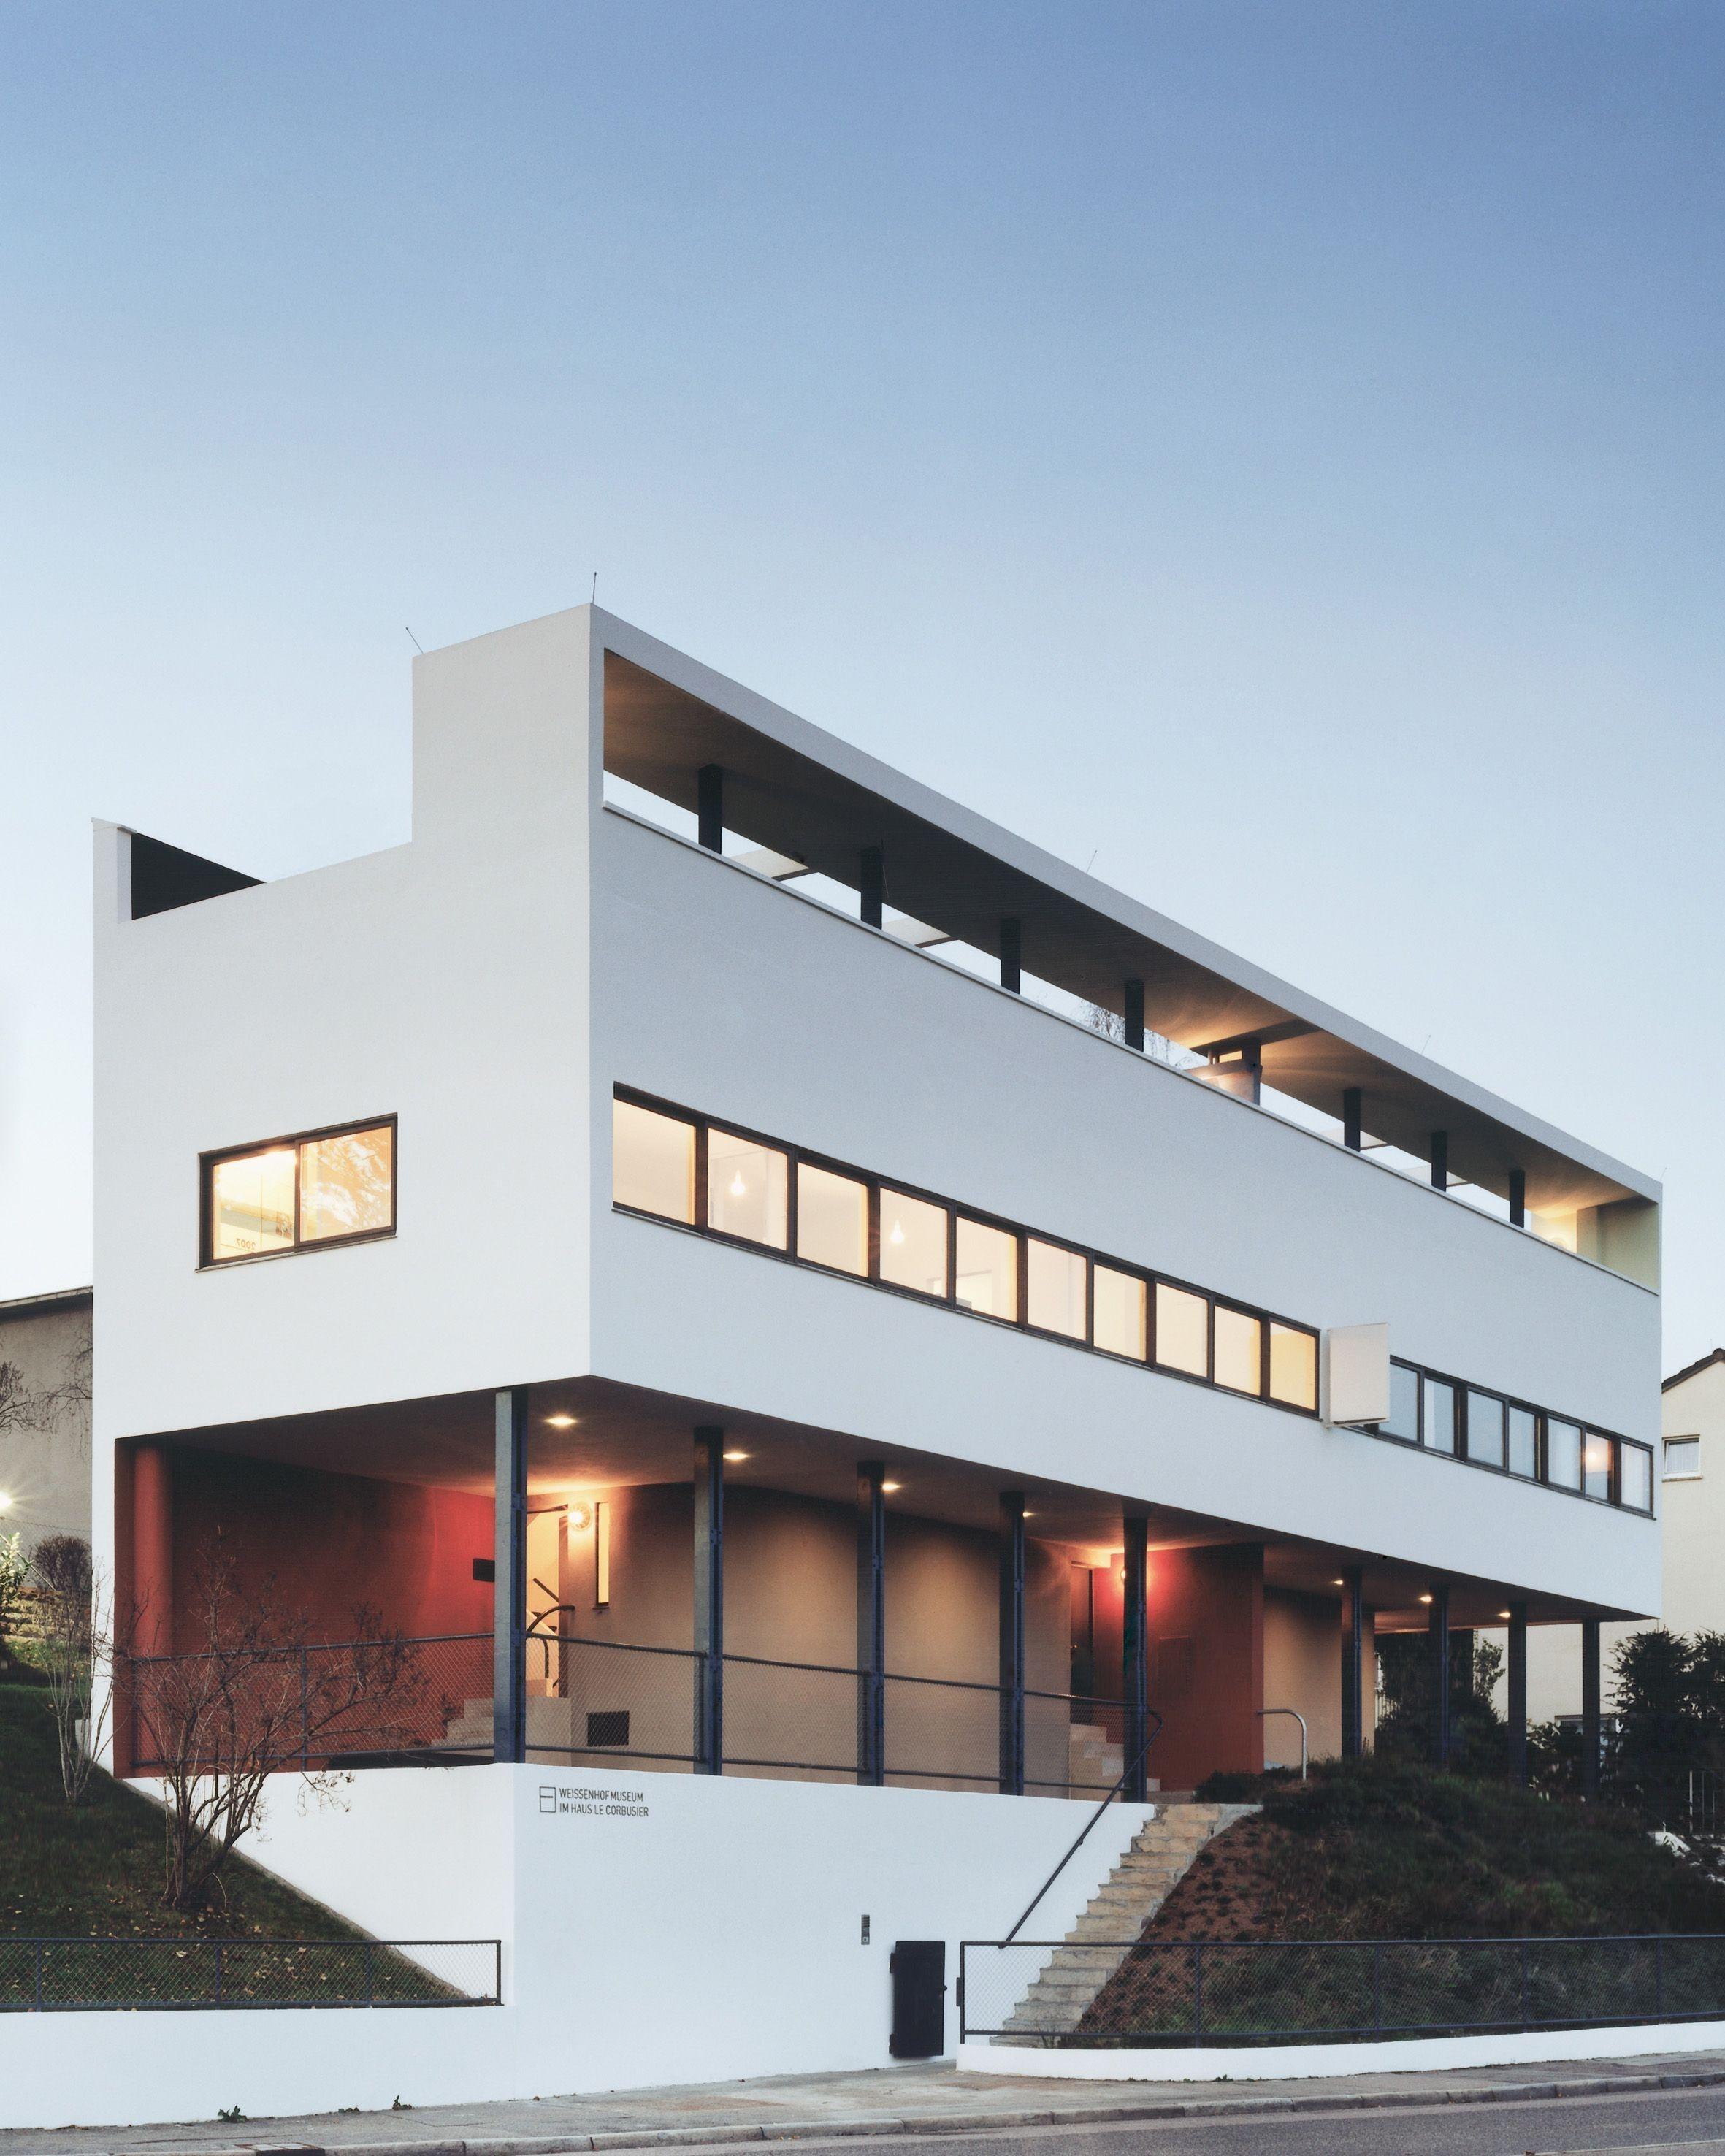 Weissenhof Estate, © Brigida Gonzales. Charles Eames was